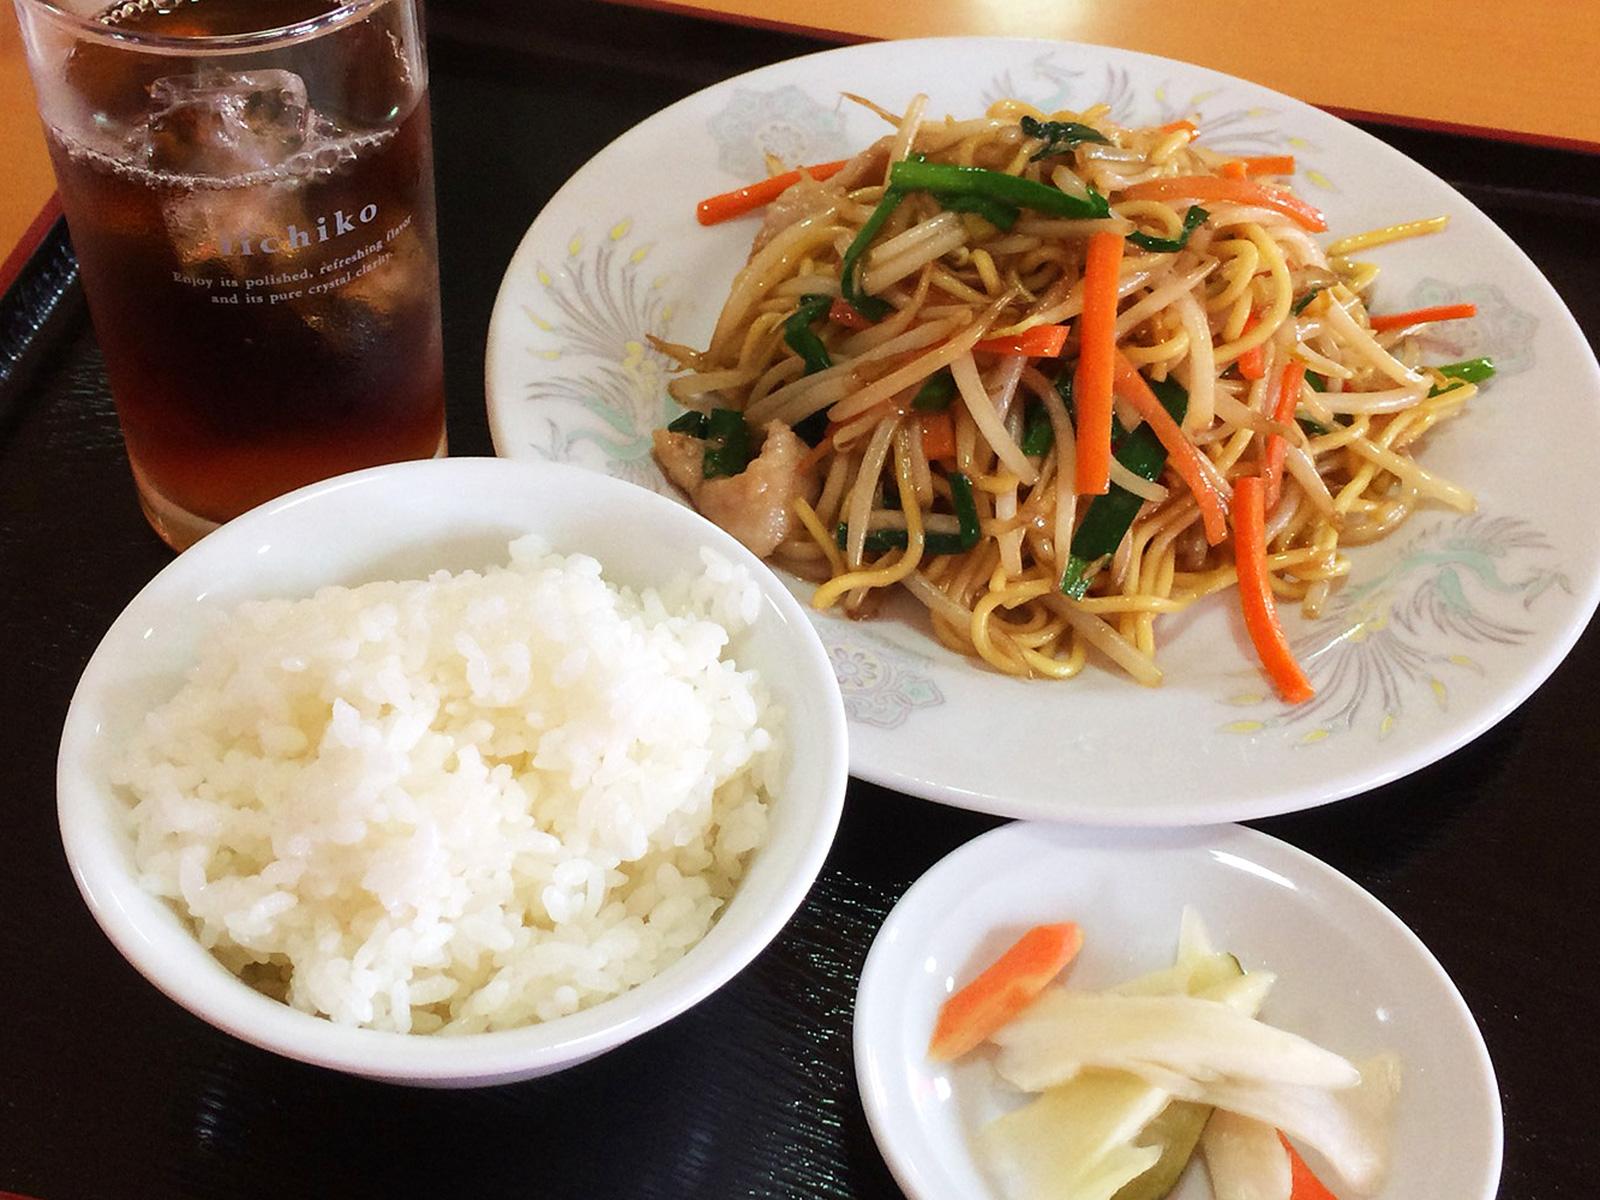 「味鮮館」の焼きそばセット @清須市下小田井